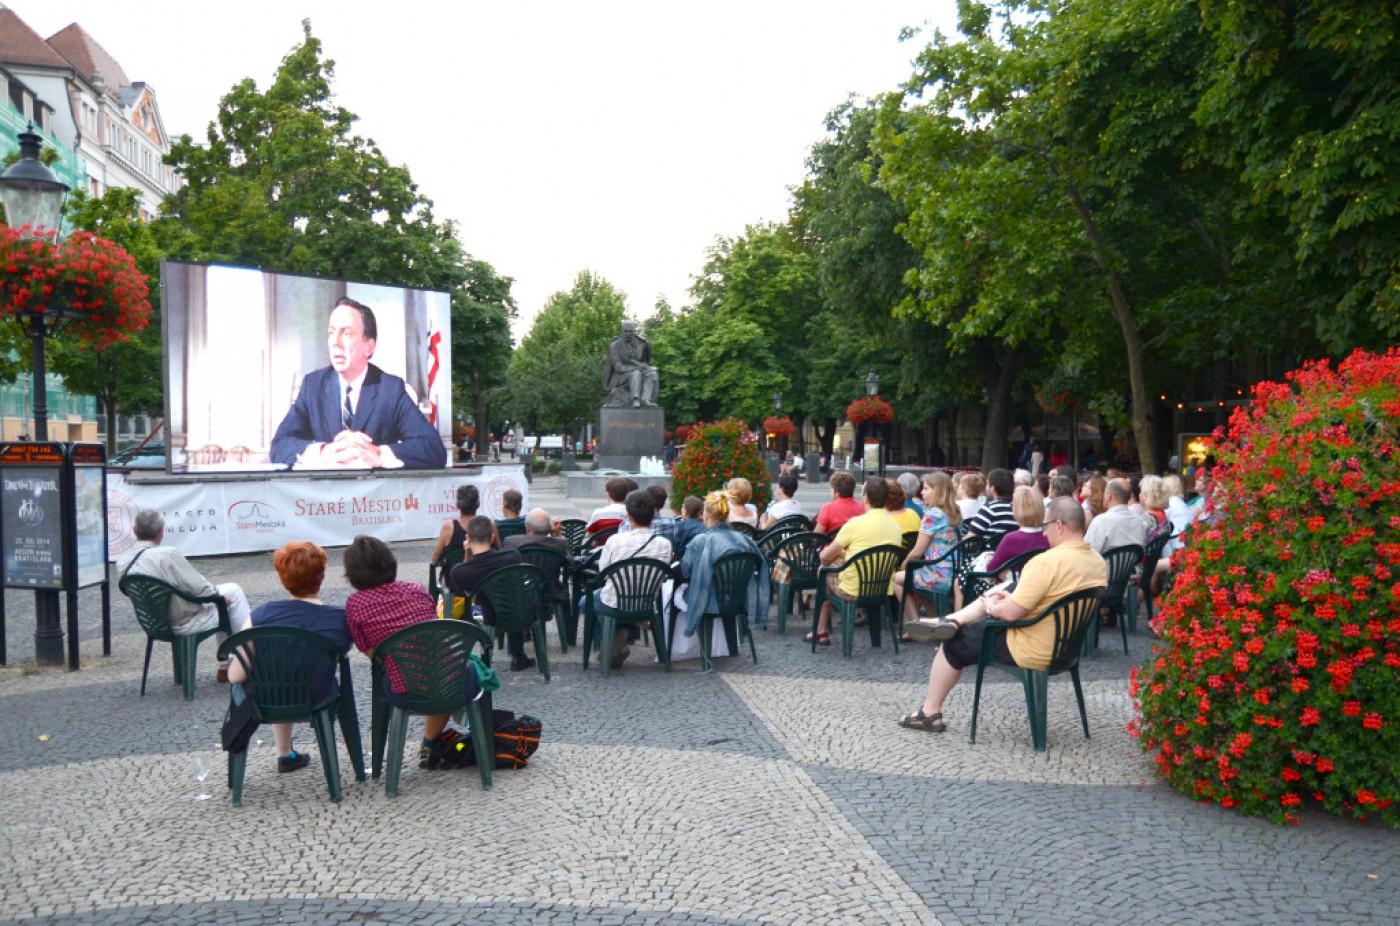 Площа Гвездослава, Братислава, Словаччина.